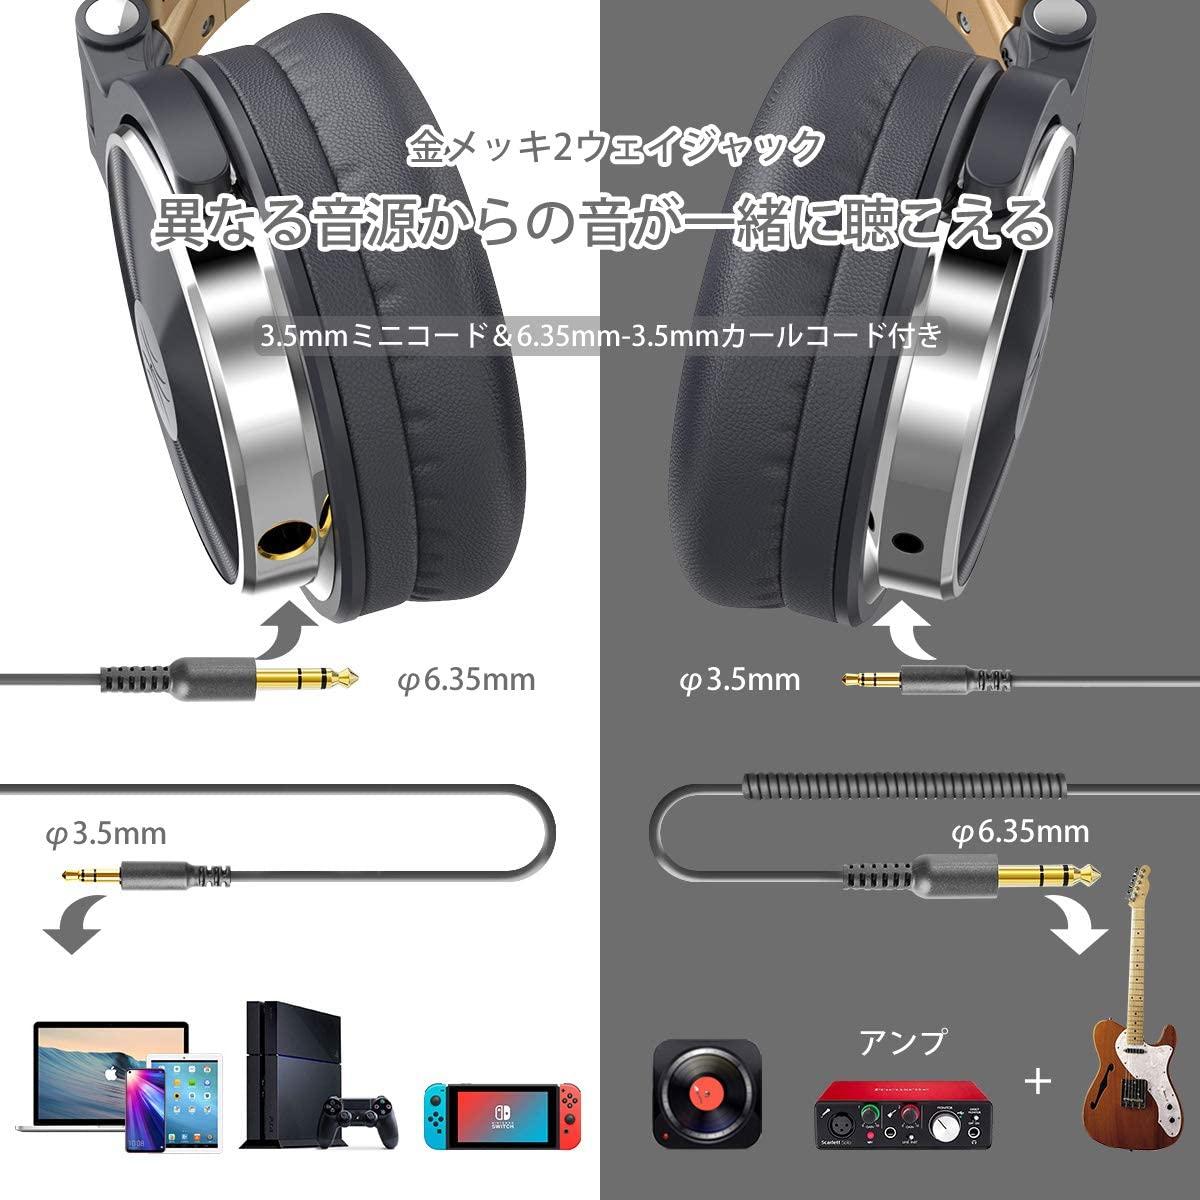 OneOdio(ワンオディオ) モニターヘッドホン Pro10の商品画像3